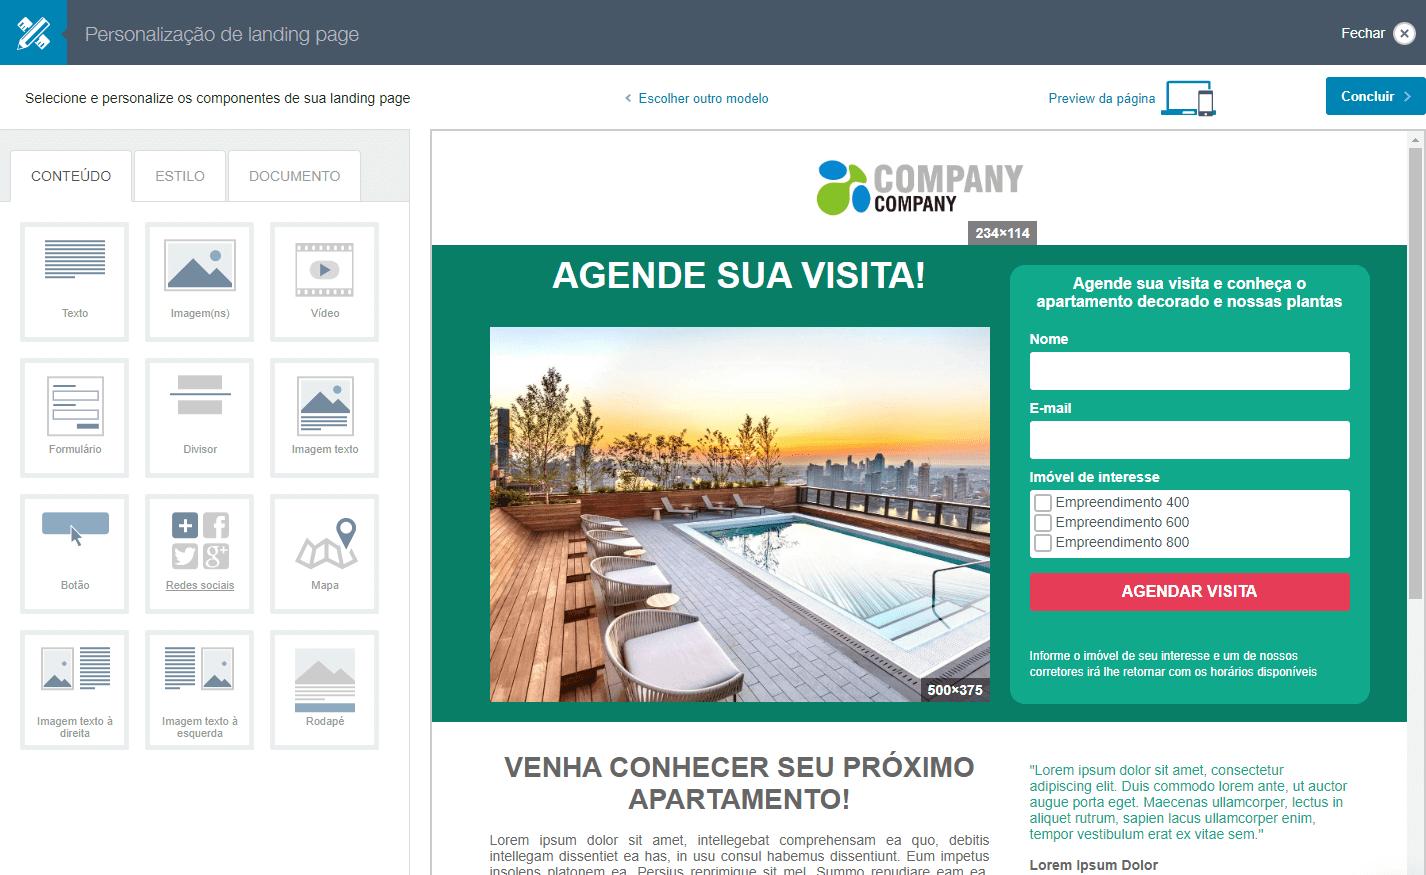 também utilize de recursos como landing pages agendar visita imoveis em uma ferramenta automação de marketing imobiliárias